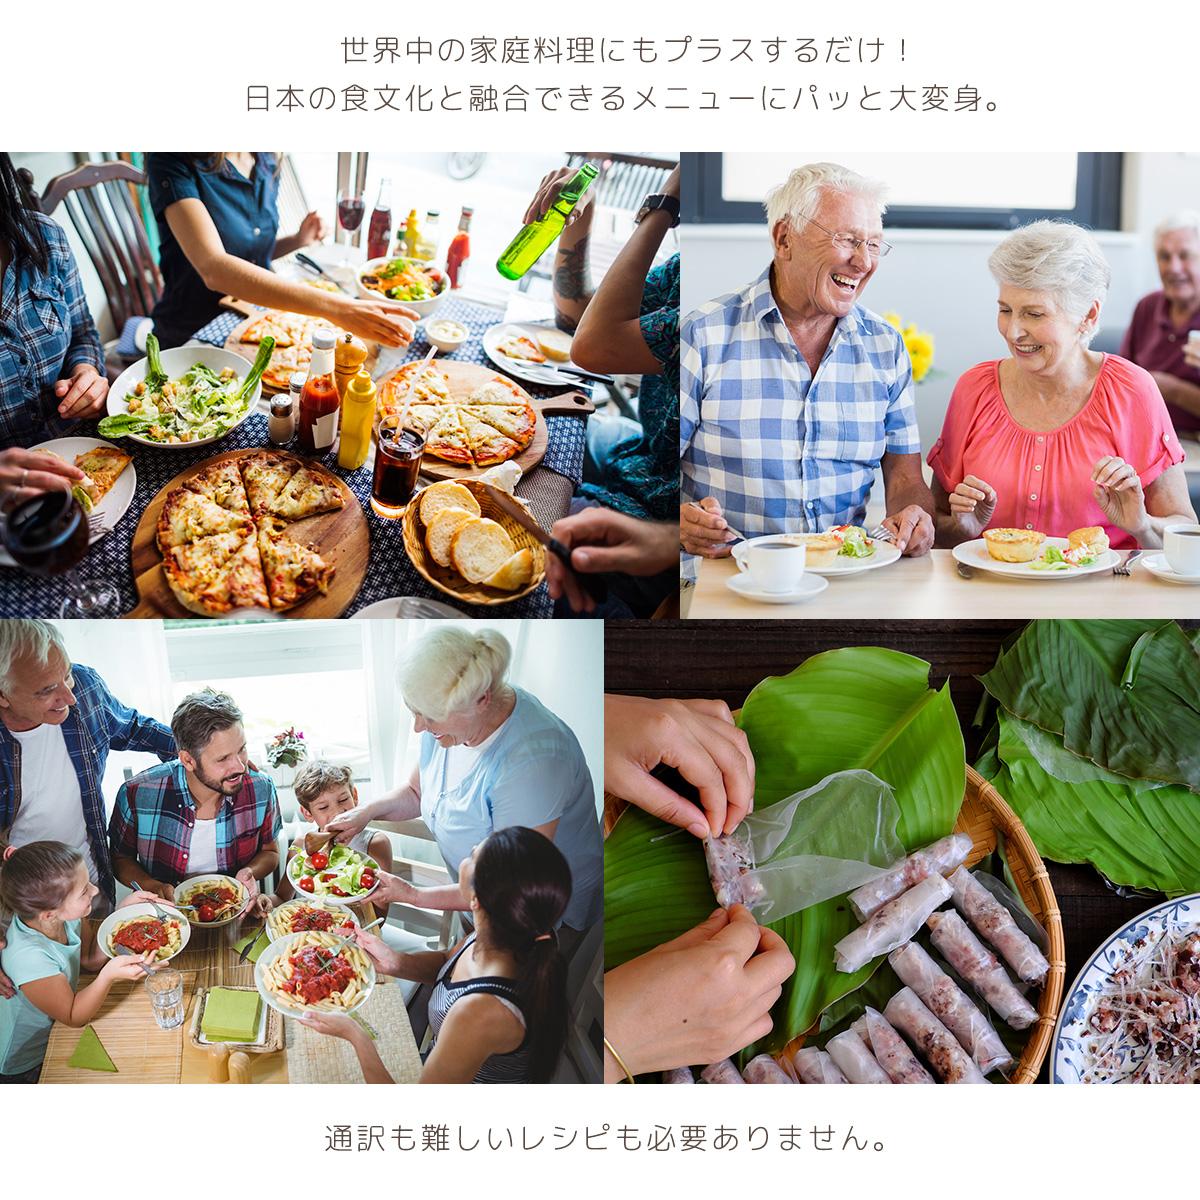 明太子は、おいしい・簡単・手軽をキャッリコピーに世界の食卓へ